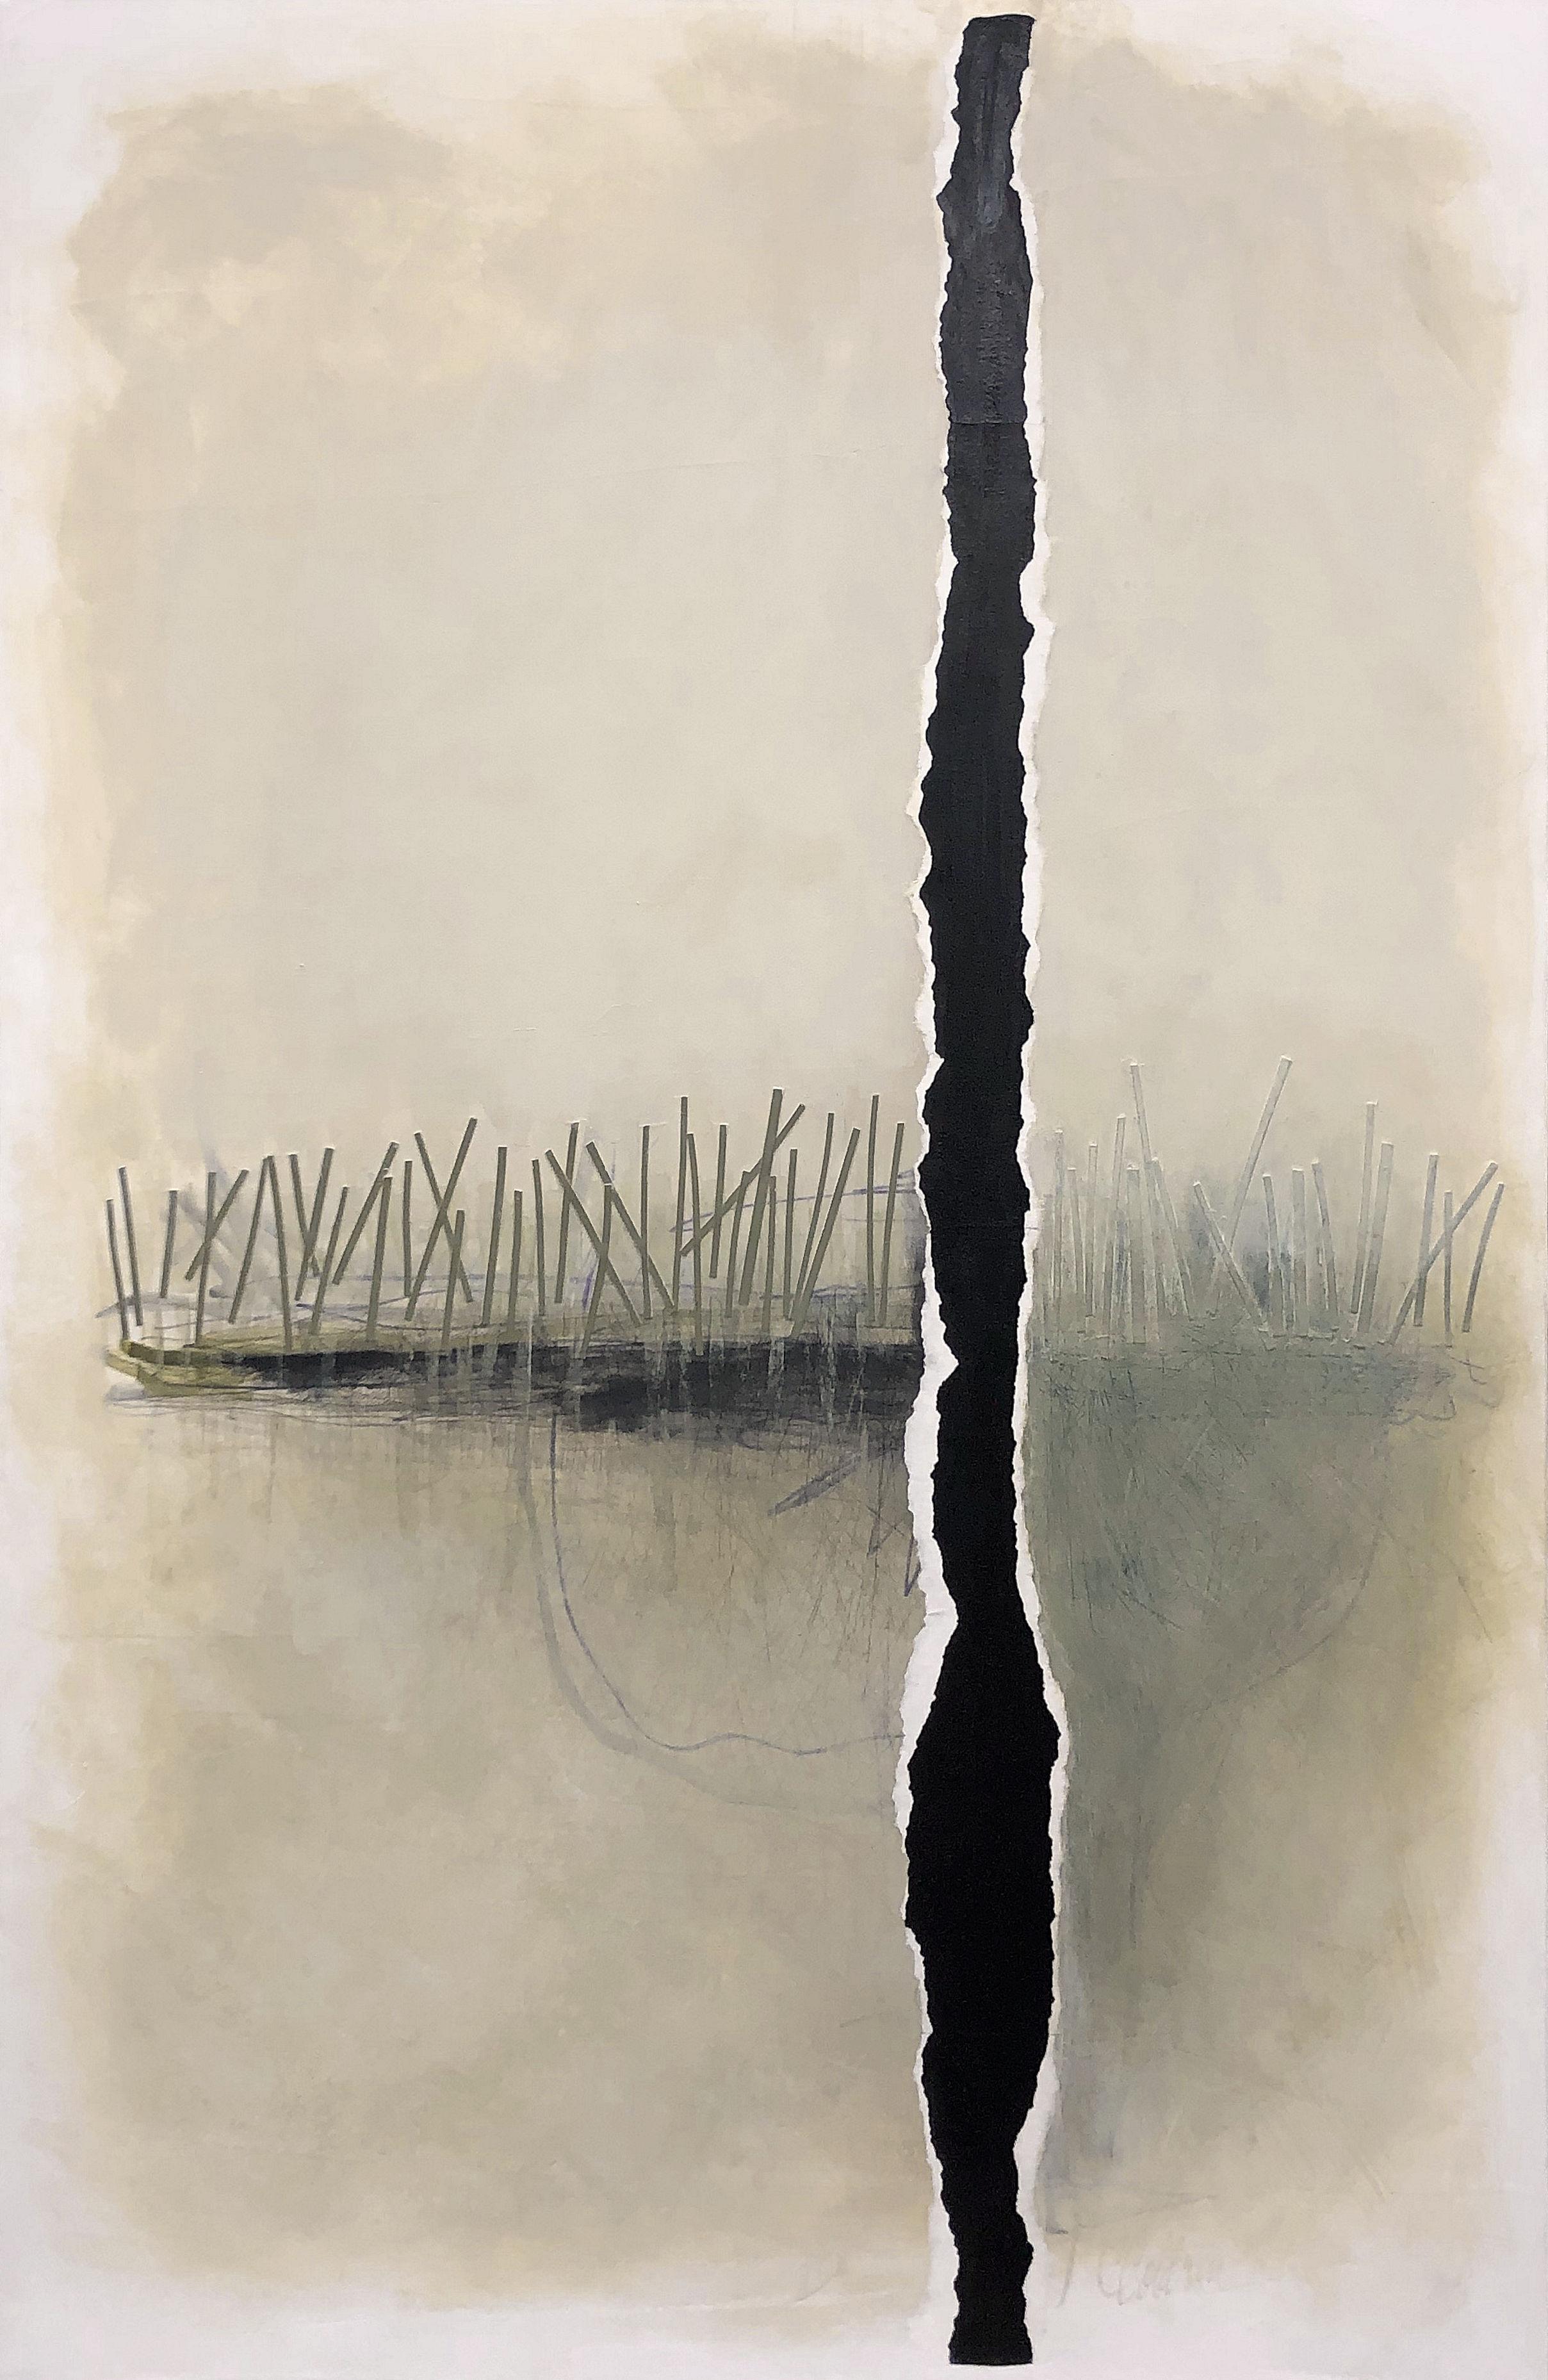 Estuary Fog, 2019, acrylic, 36 x 24 x 1.5 inches, $800